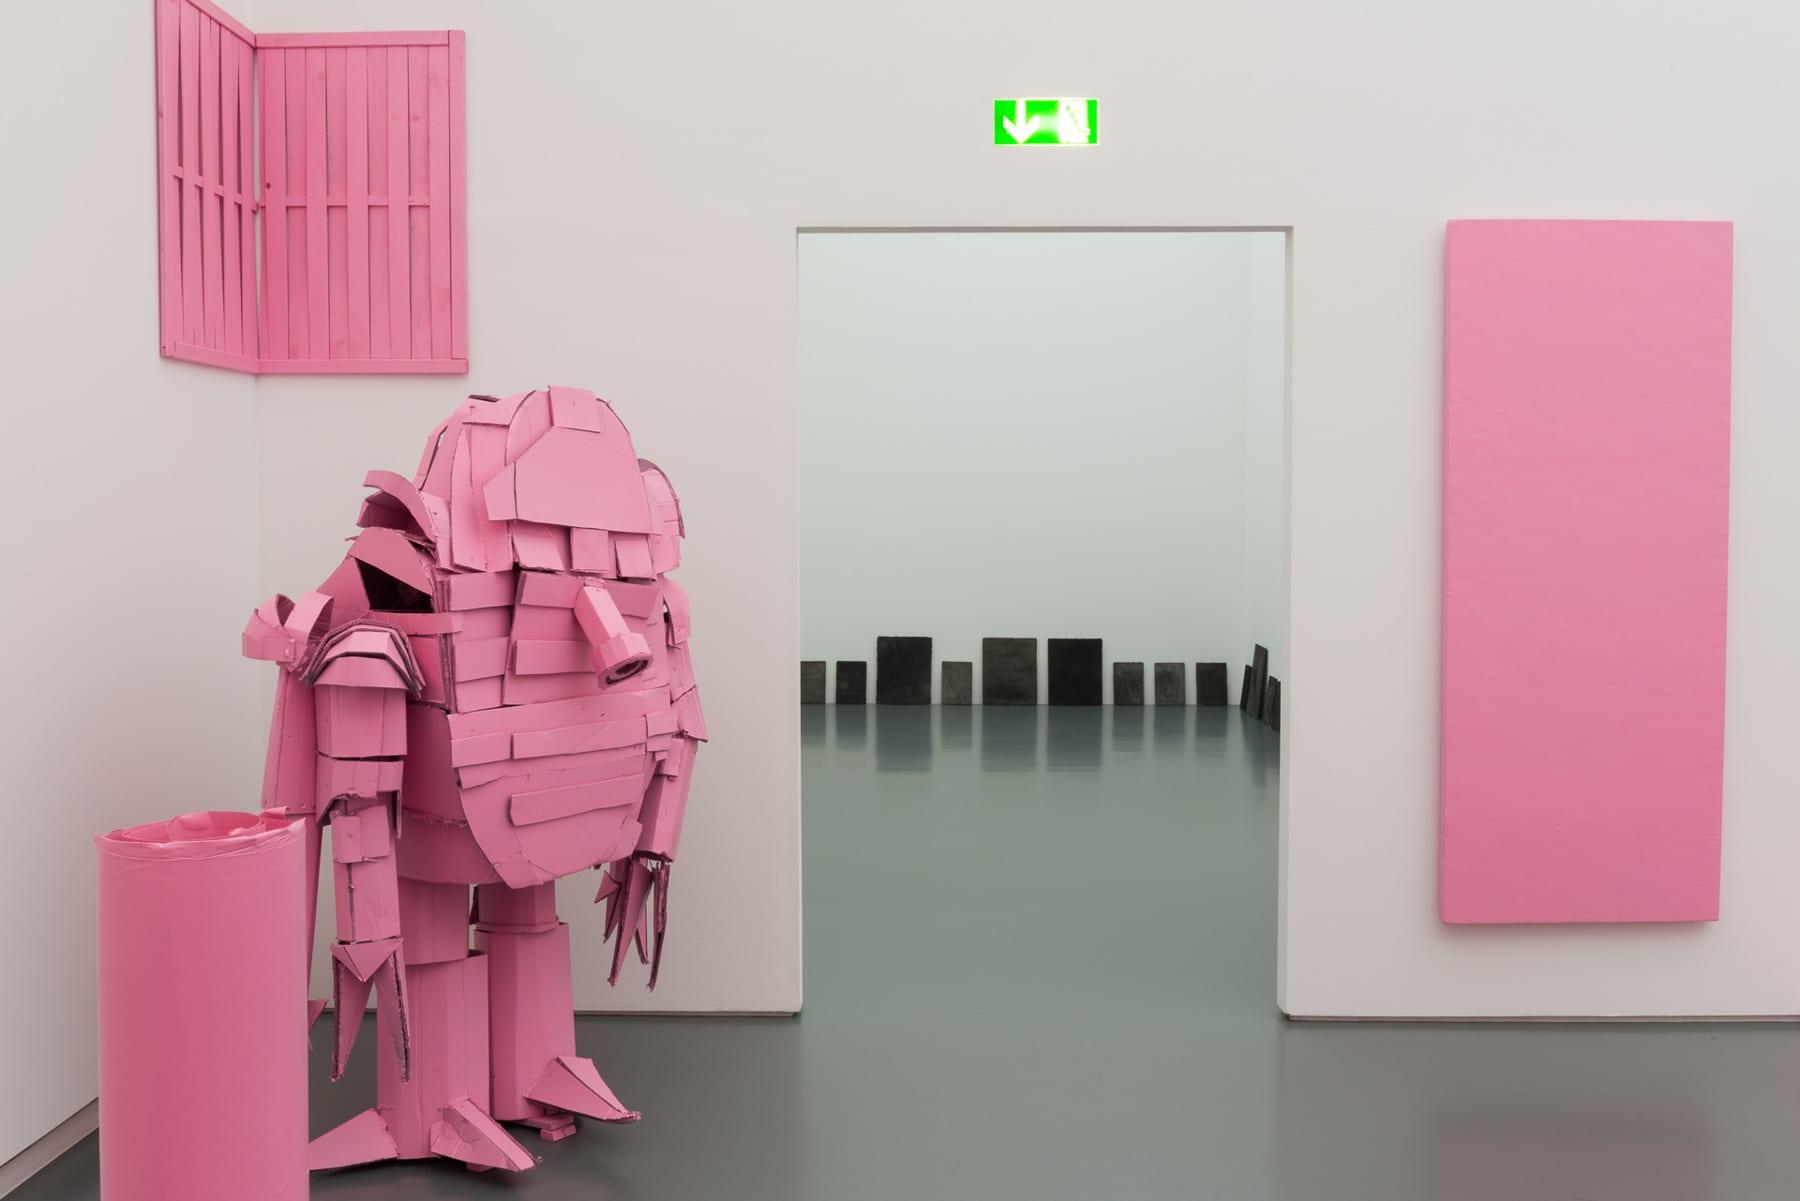 Auswahl 15, Aargauer Kunsthaus